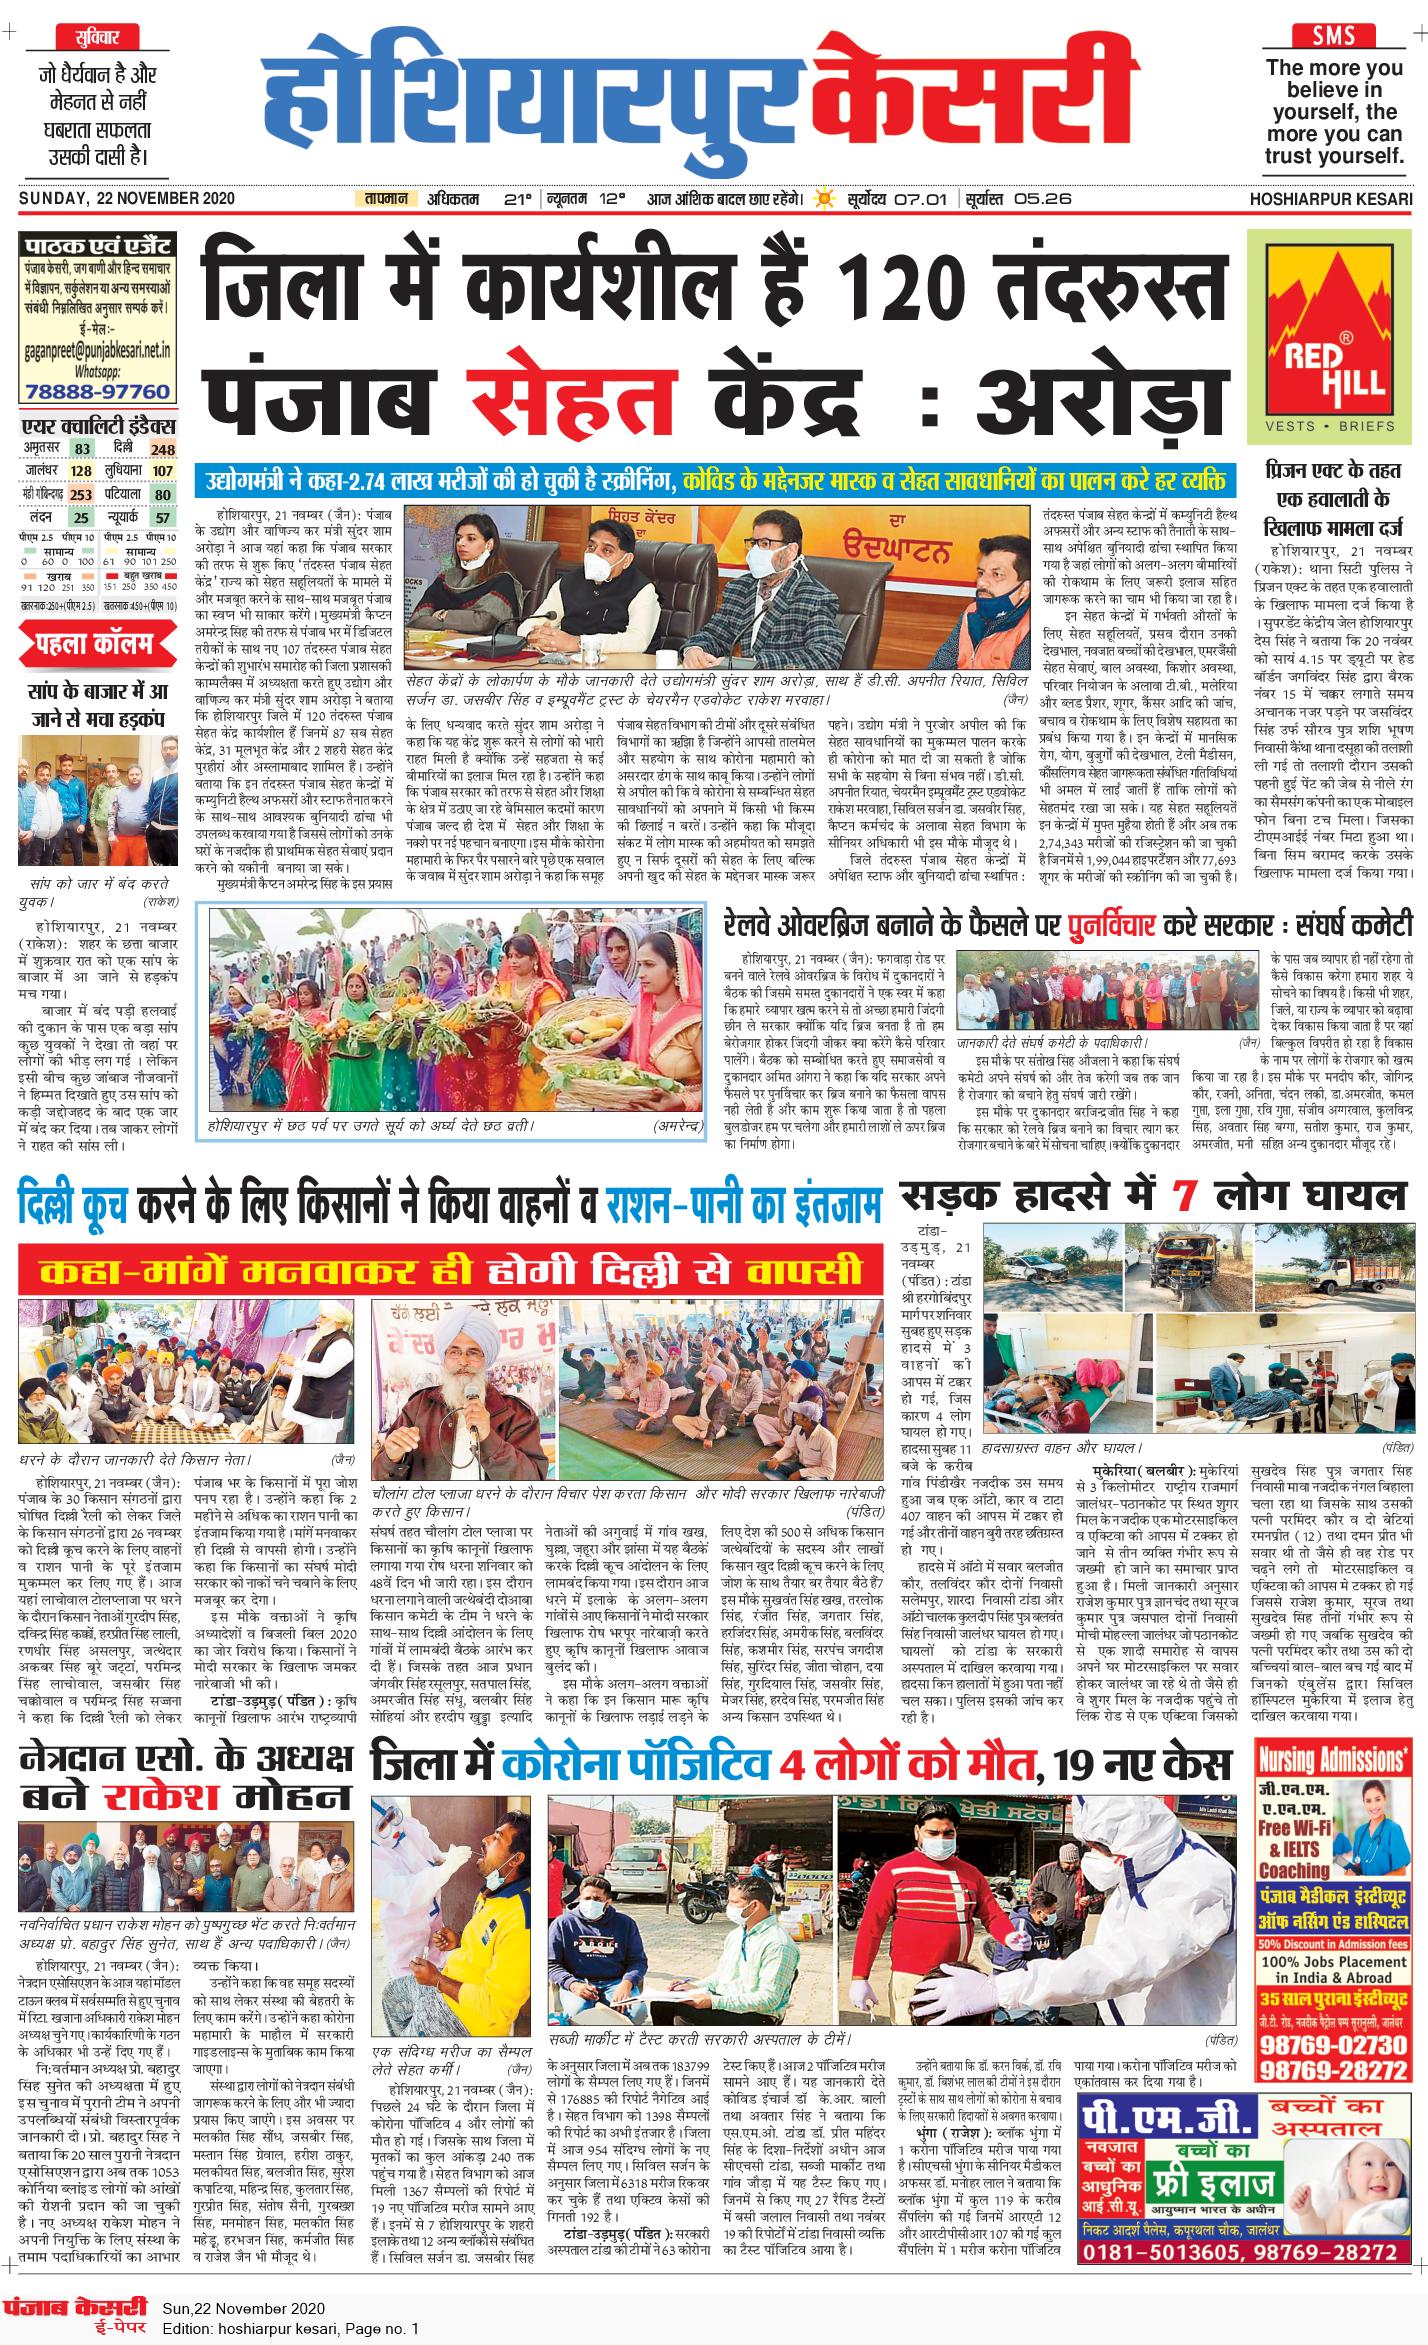 Hoshiarpur Kesari 11/22/2020 12:00:00 AM